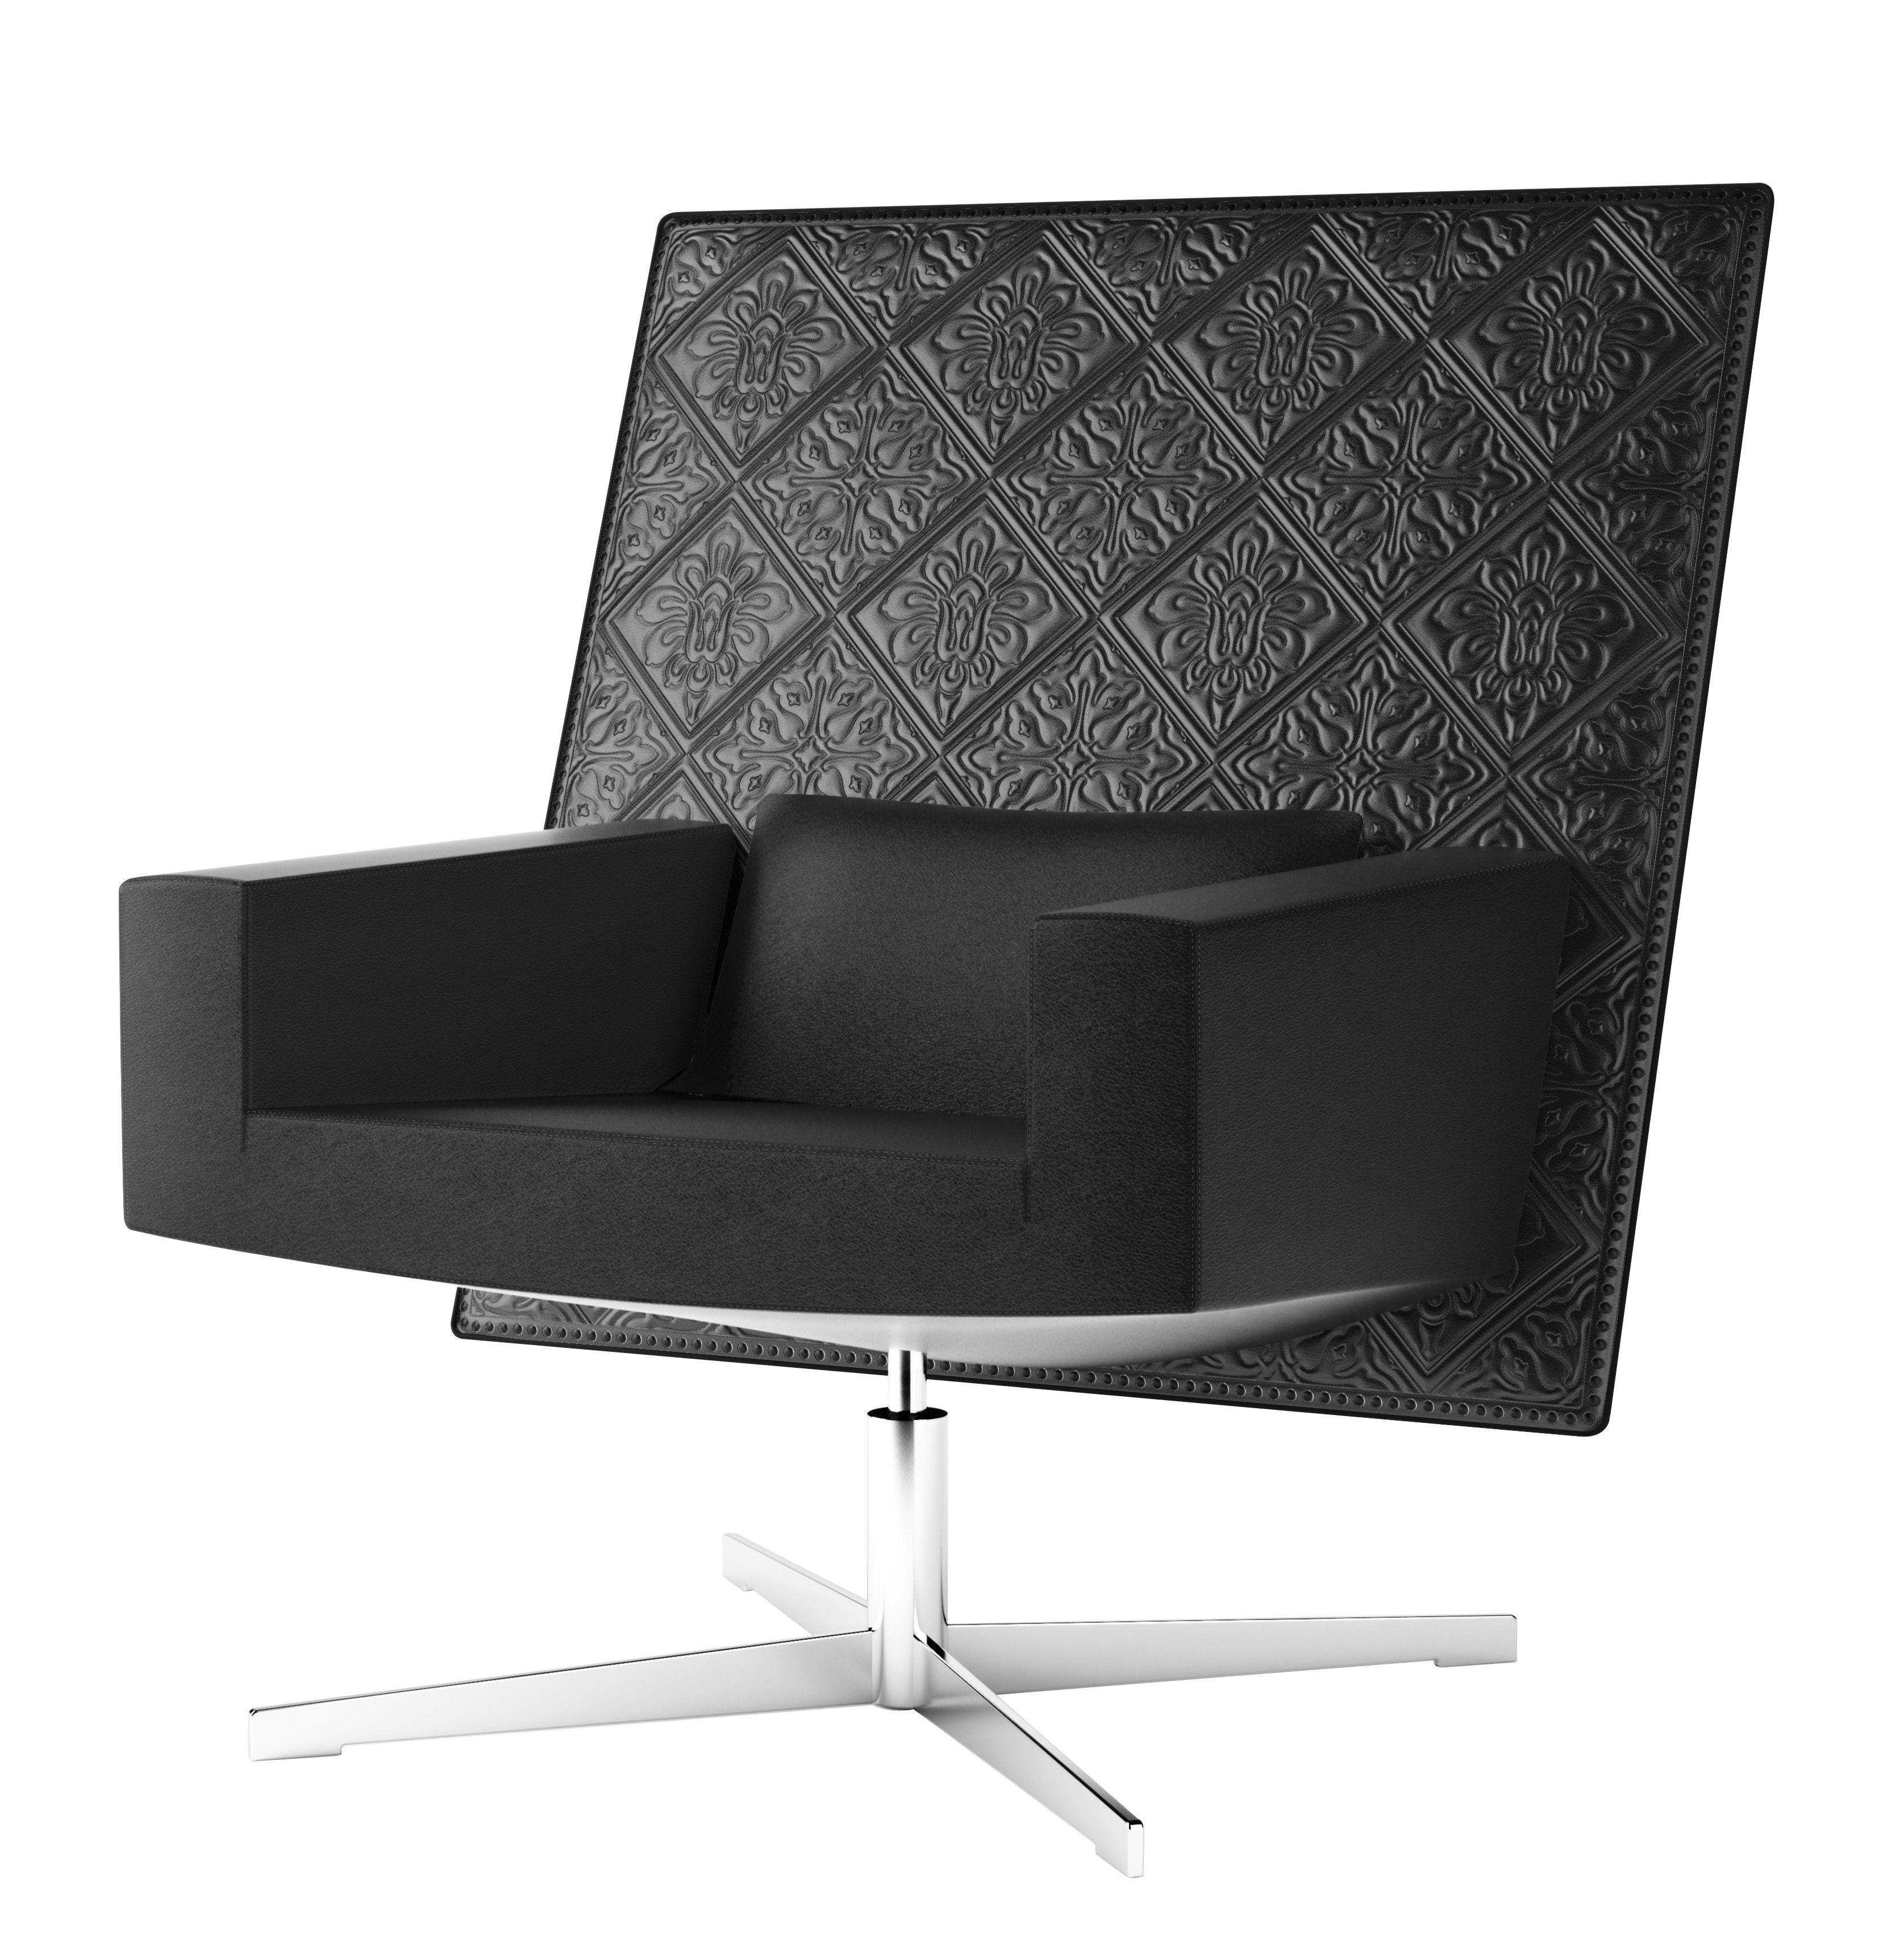 Möbel - Lounge Sessel - Jackson Chair Drehsessel / besticktes Leder - Moooi - Leder / schwarz - Leder, polierter Stahl, Schaumstoff